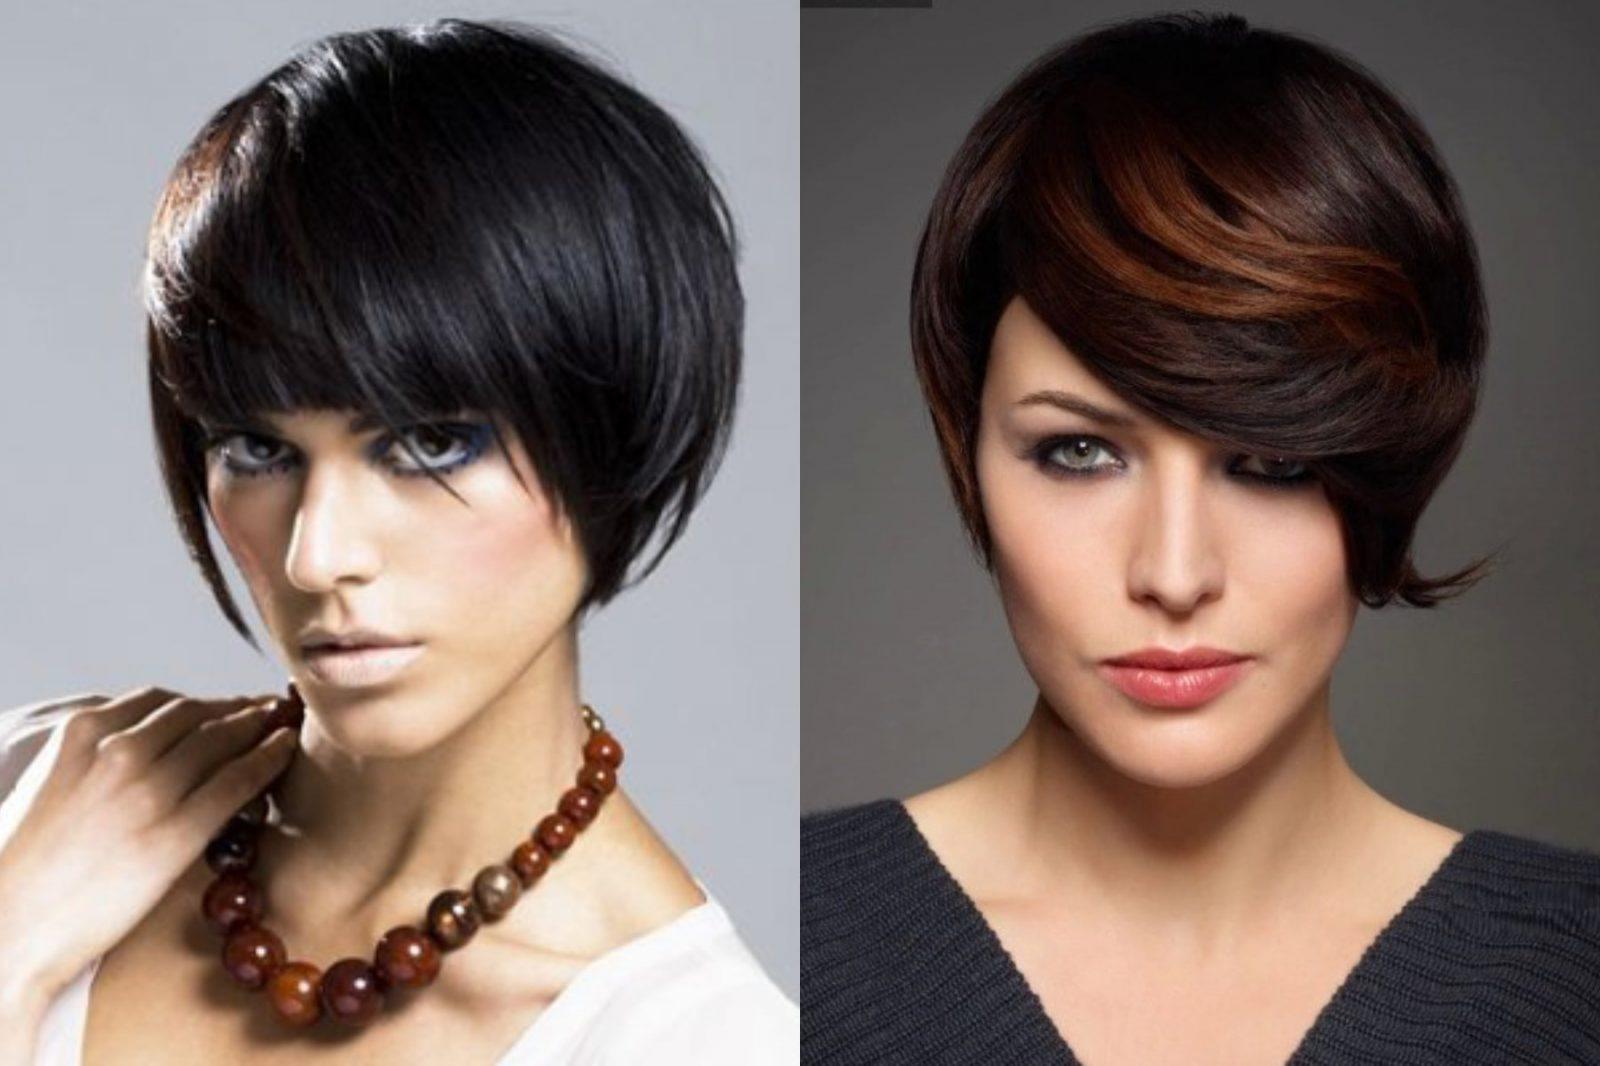 Стрижка для длинных волос должна лишь подчеркнуть их красоту.